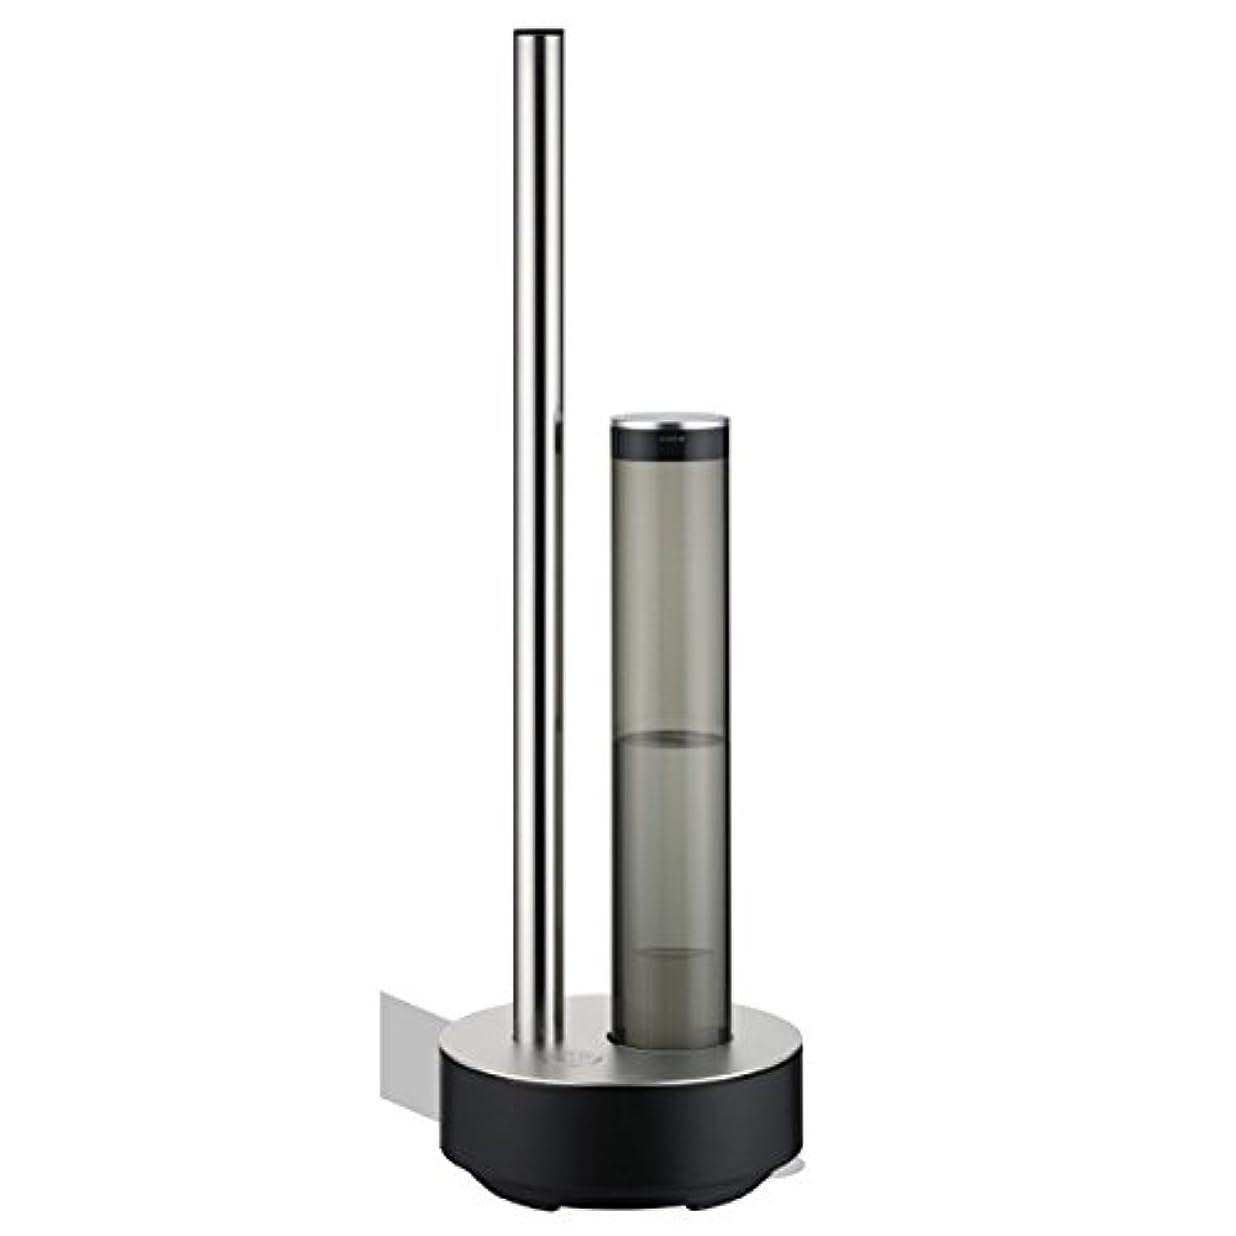 カドー 超音波式加湿器(木造10畳まで/プレハブ洋室17畳まで ブラック)cado STEM 620 HM-C620-BK